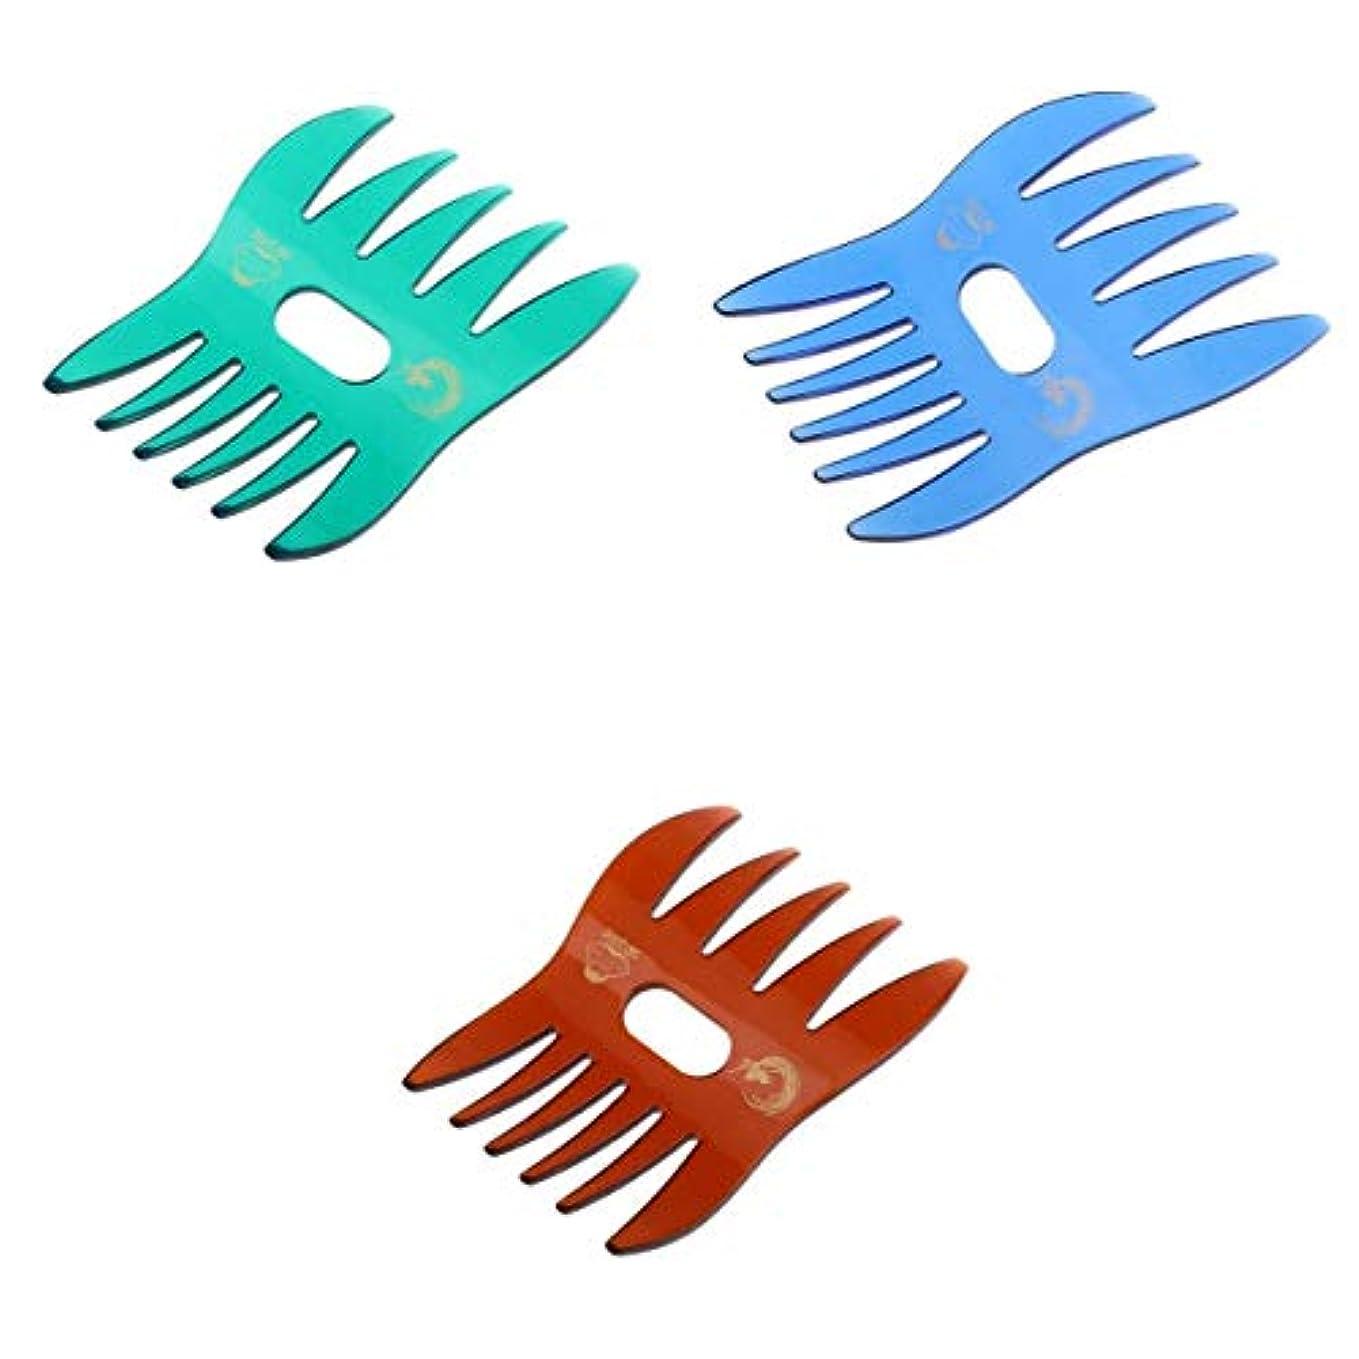 ファントム矩形ロイヤリティT TOOYFUL 櫛 ヘアコーム コーム ヘア櫛 静電気防止 粗歯 頭皮マッサージ オイルヘアスタイル